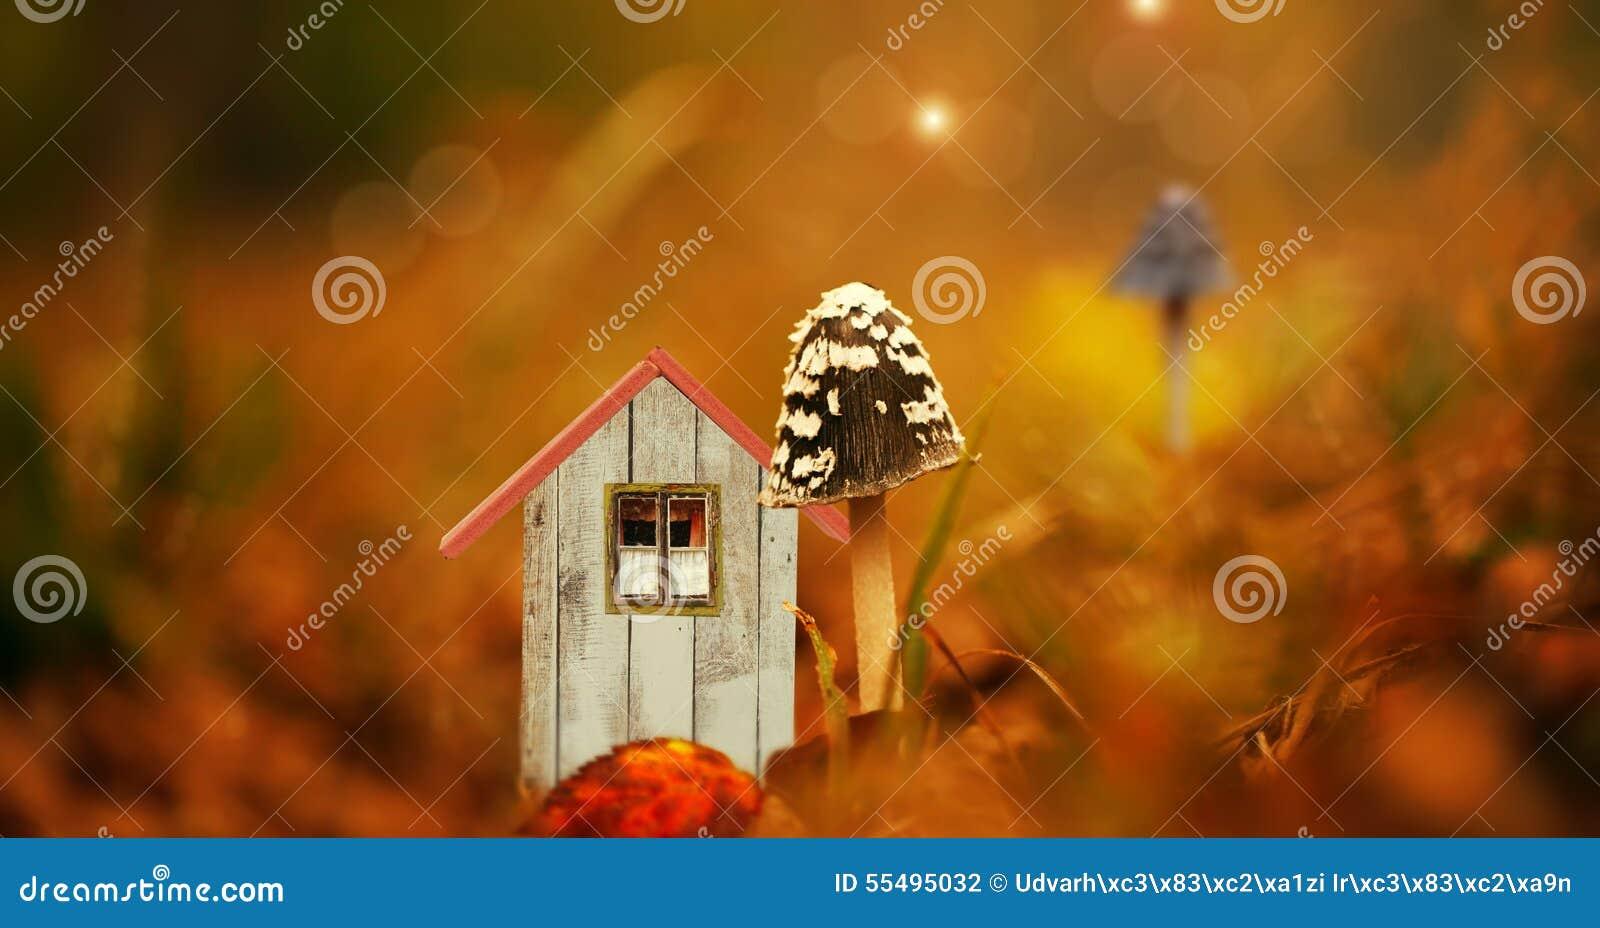 Είναι ένα μικροσκοπικό εξοχικό σπίτι νεραιδών